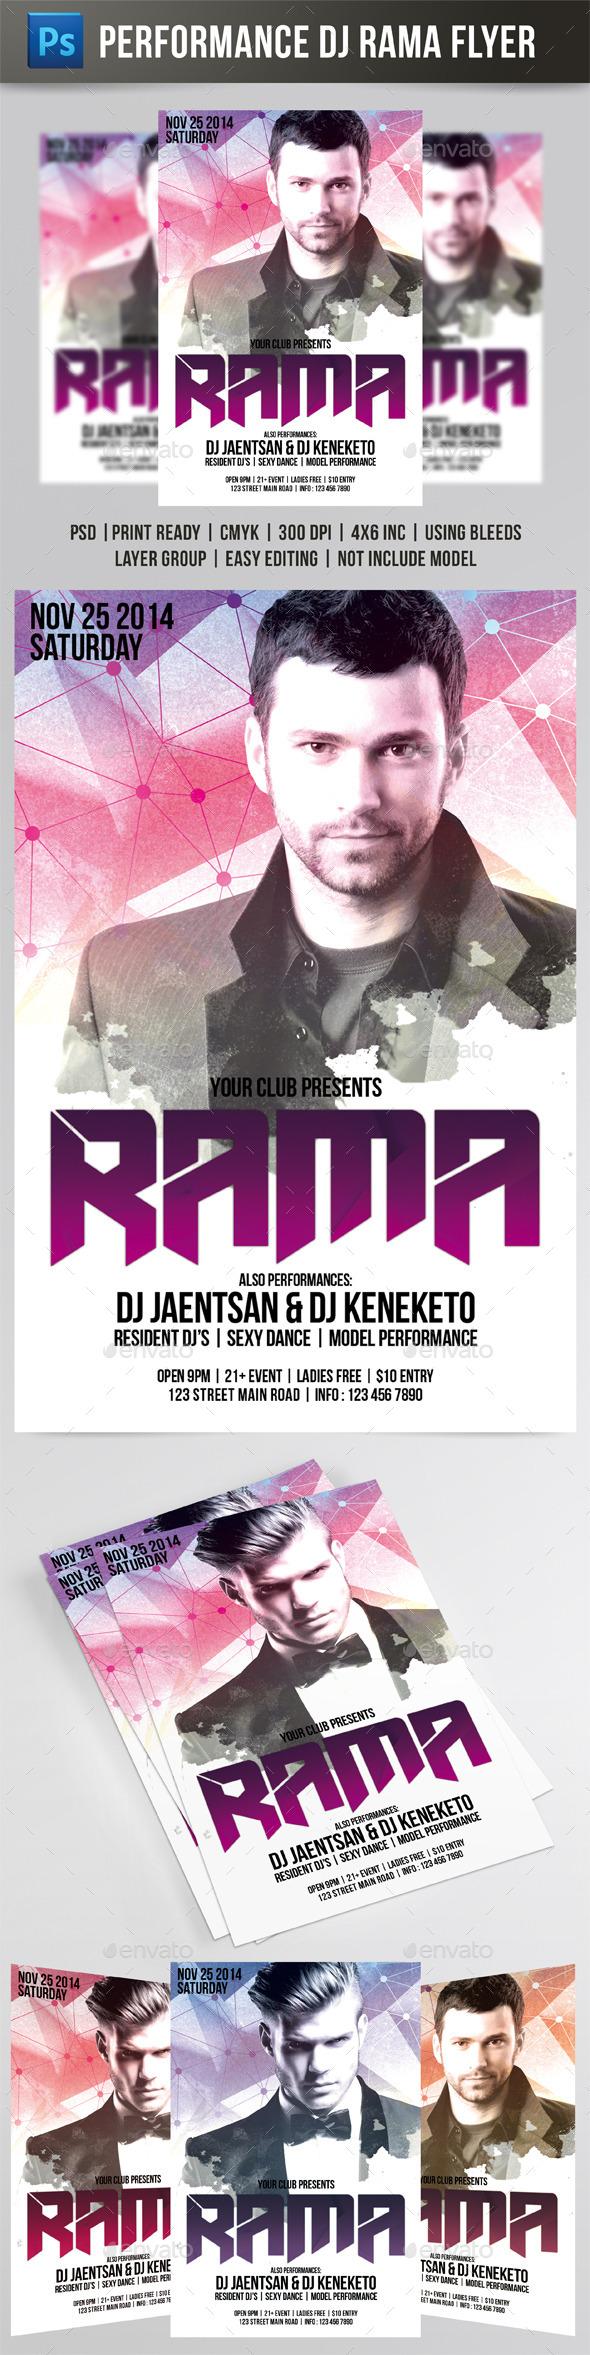 DJ Rama Flyer - Events Flyers